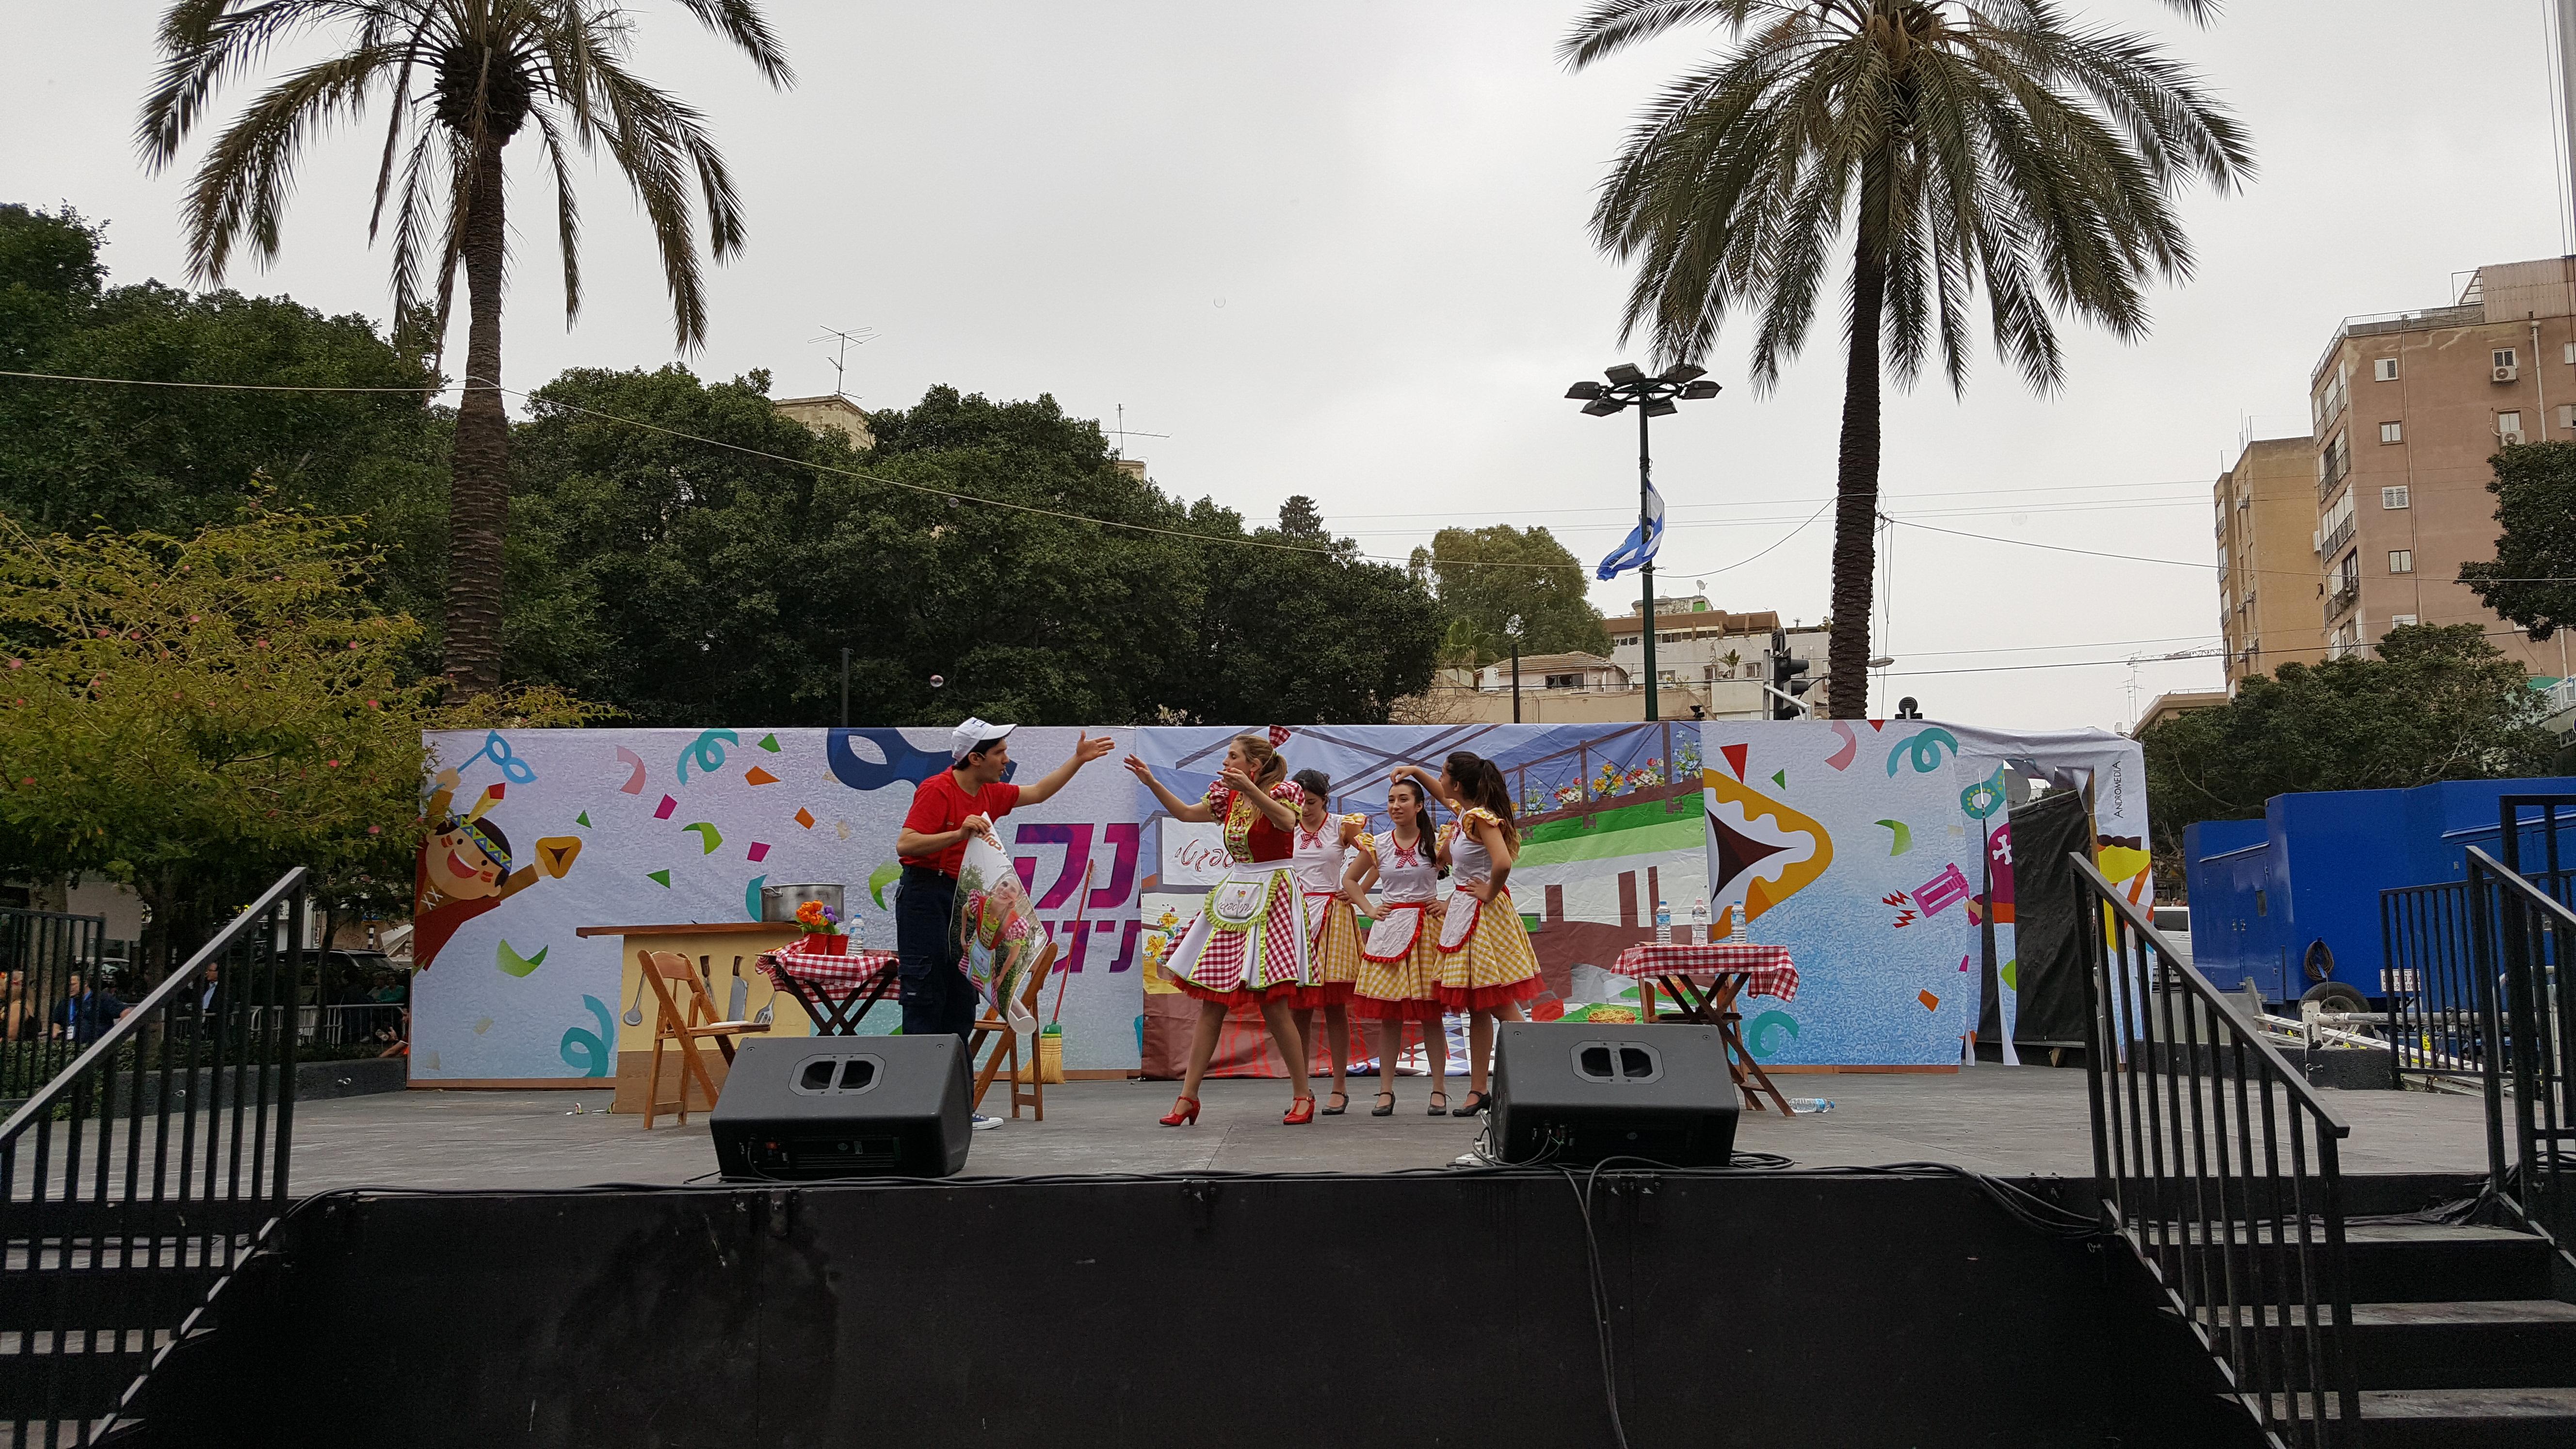 עדלאידע בכיכר אורדע רמת גן במה מרכז